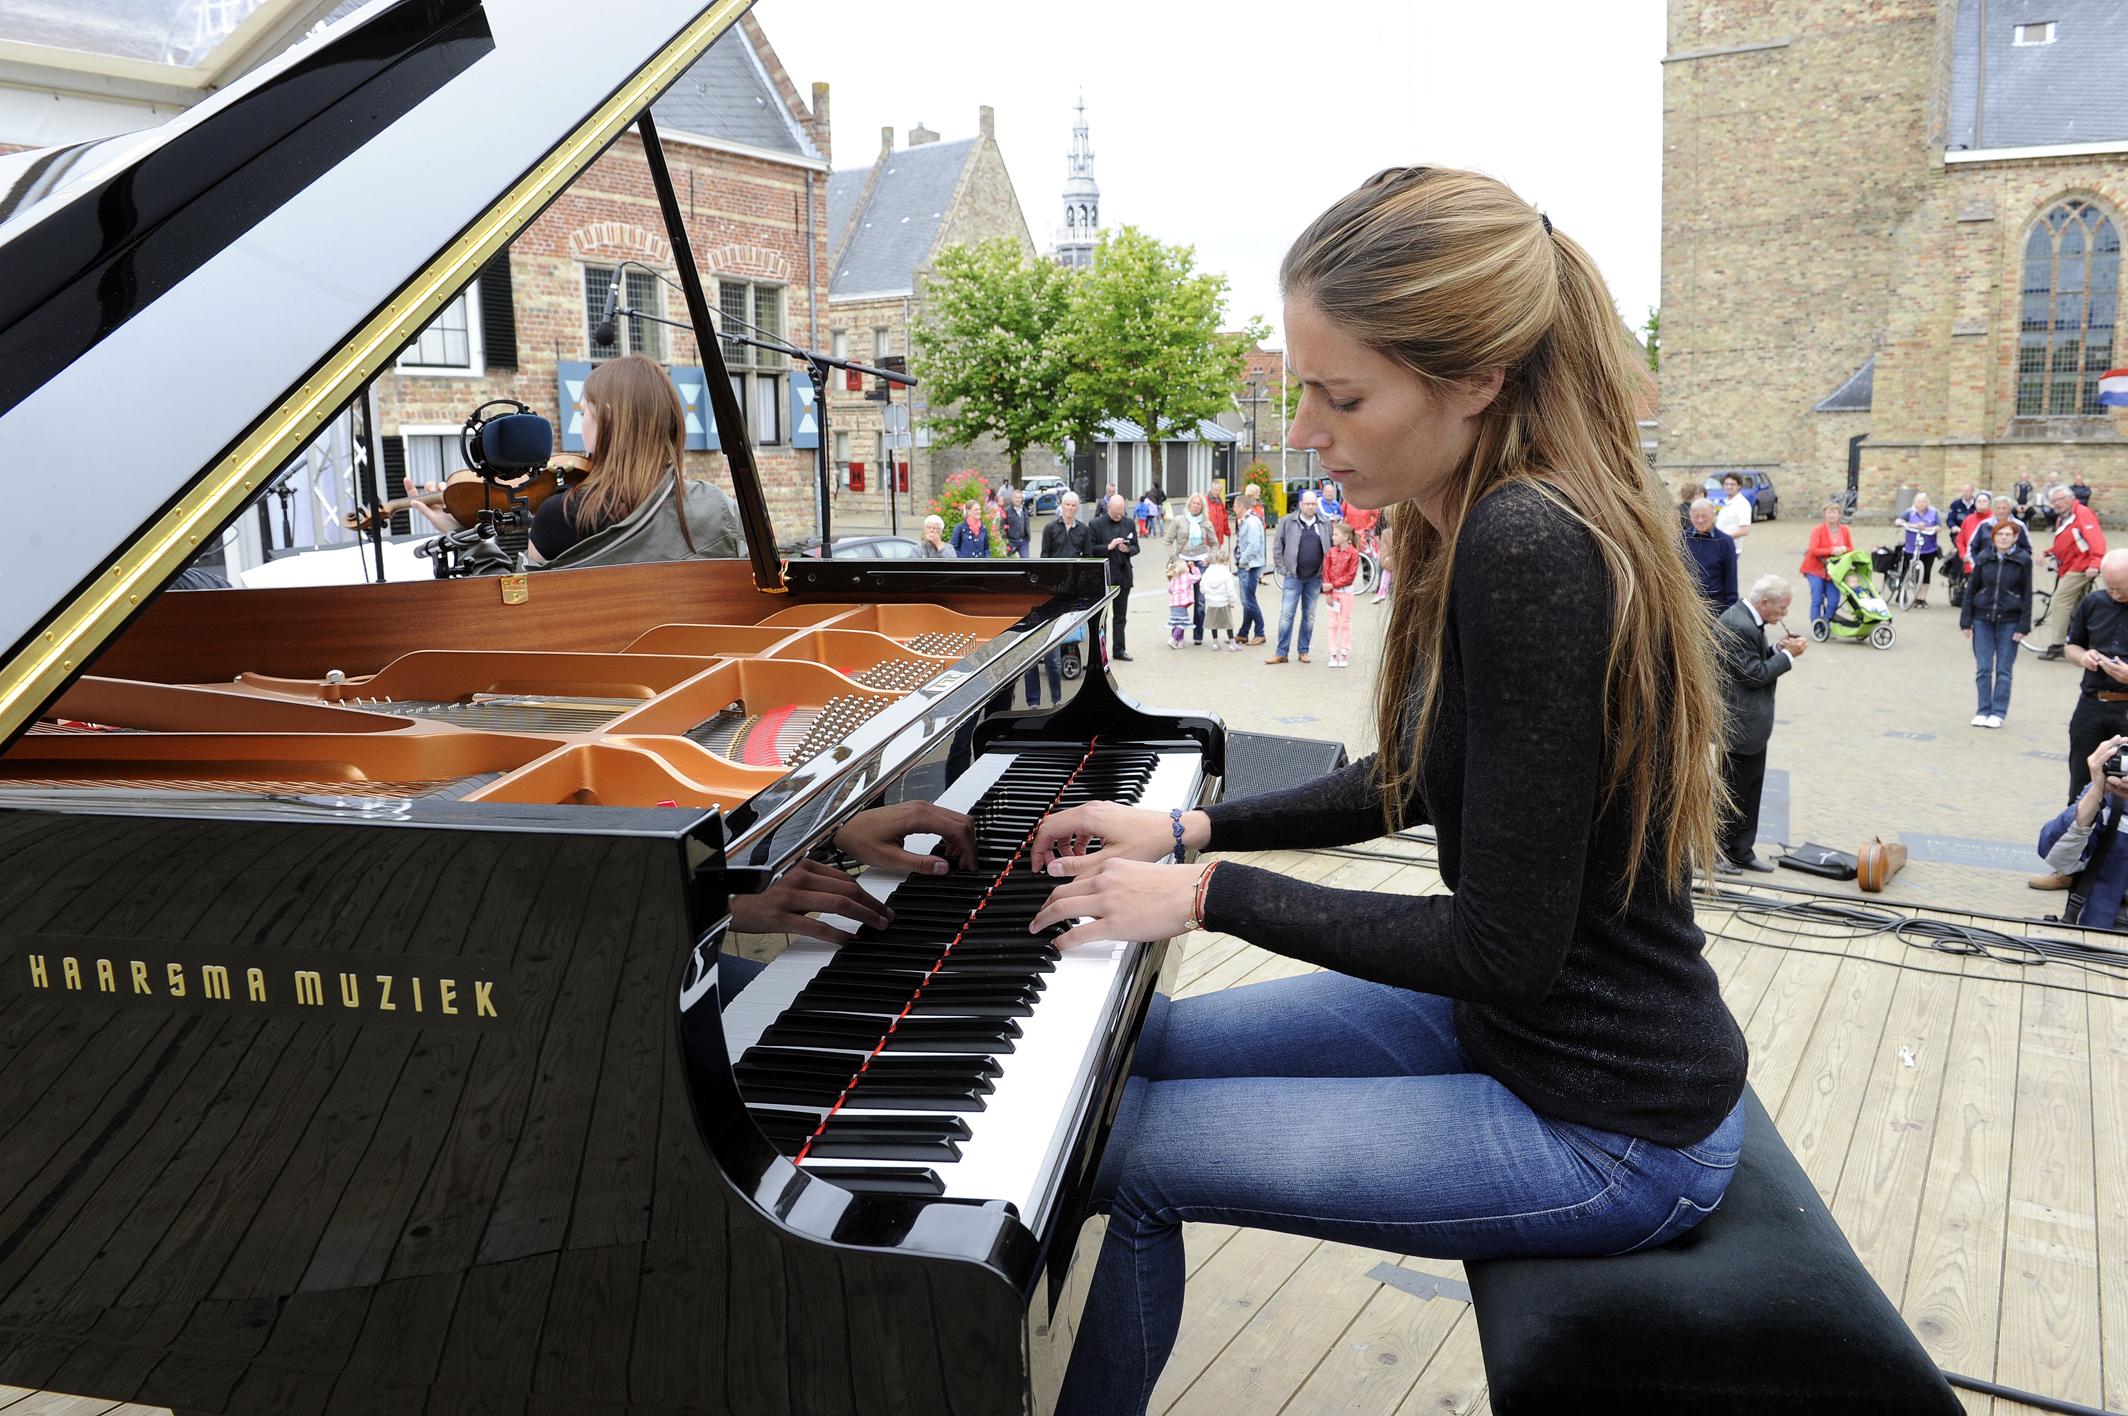 City Proms van stichting Muzthinc, met Margot Hoiting uit Harlingen als festivaldirecteur. In het centrum van Franeker trad Het Mantingi kwartet o.a. op, ook wel bekend van radio en tv.